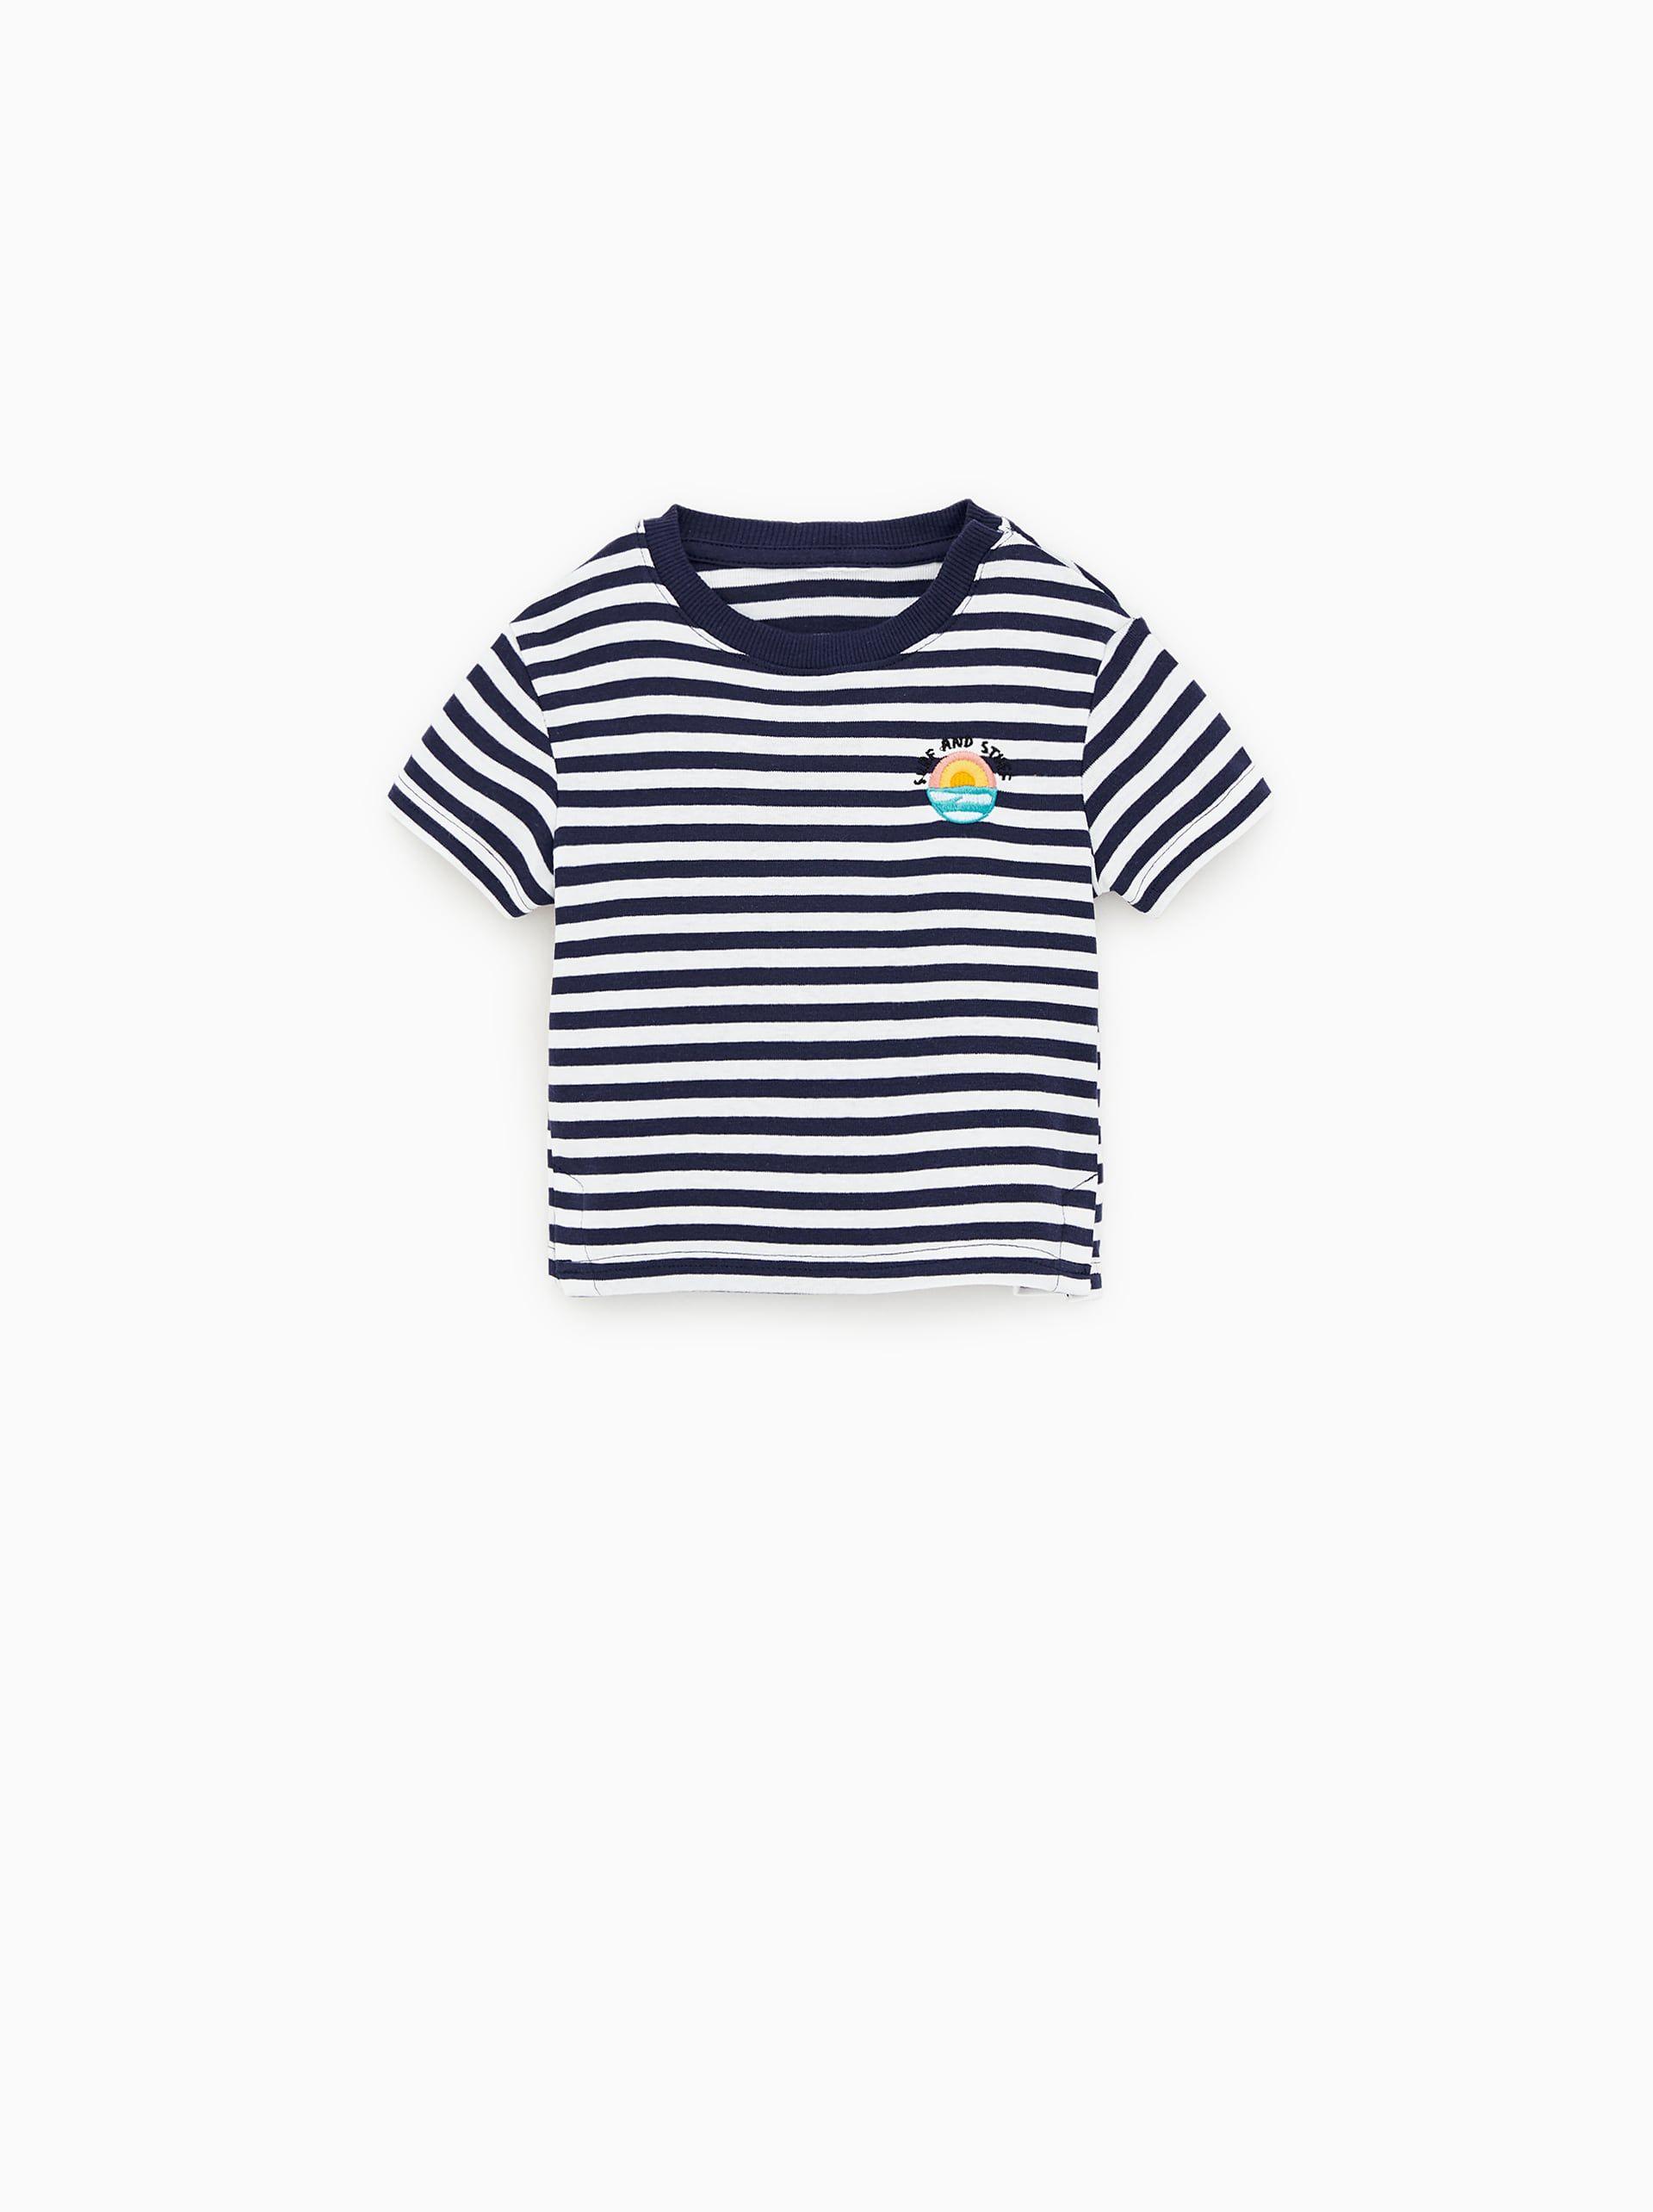 Camiseta Rayas Disponible En Mas Colores Camisetas De Rayas